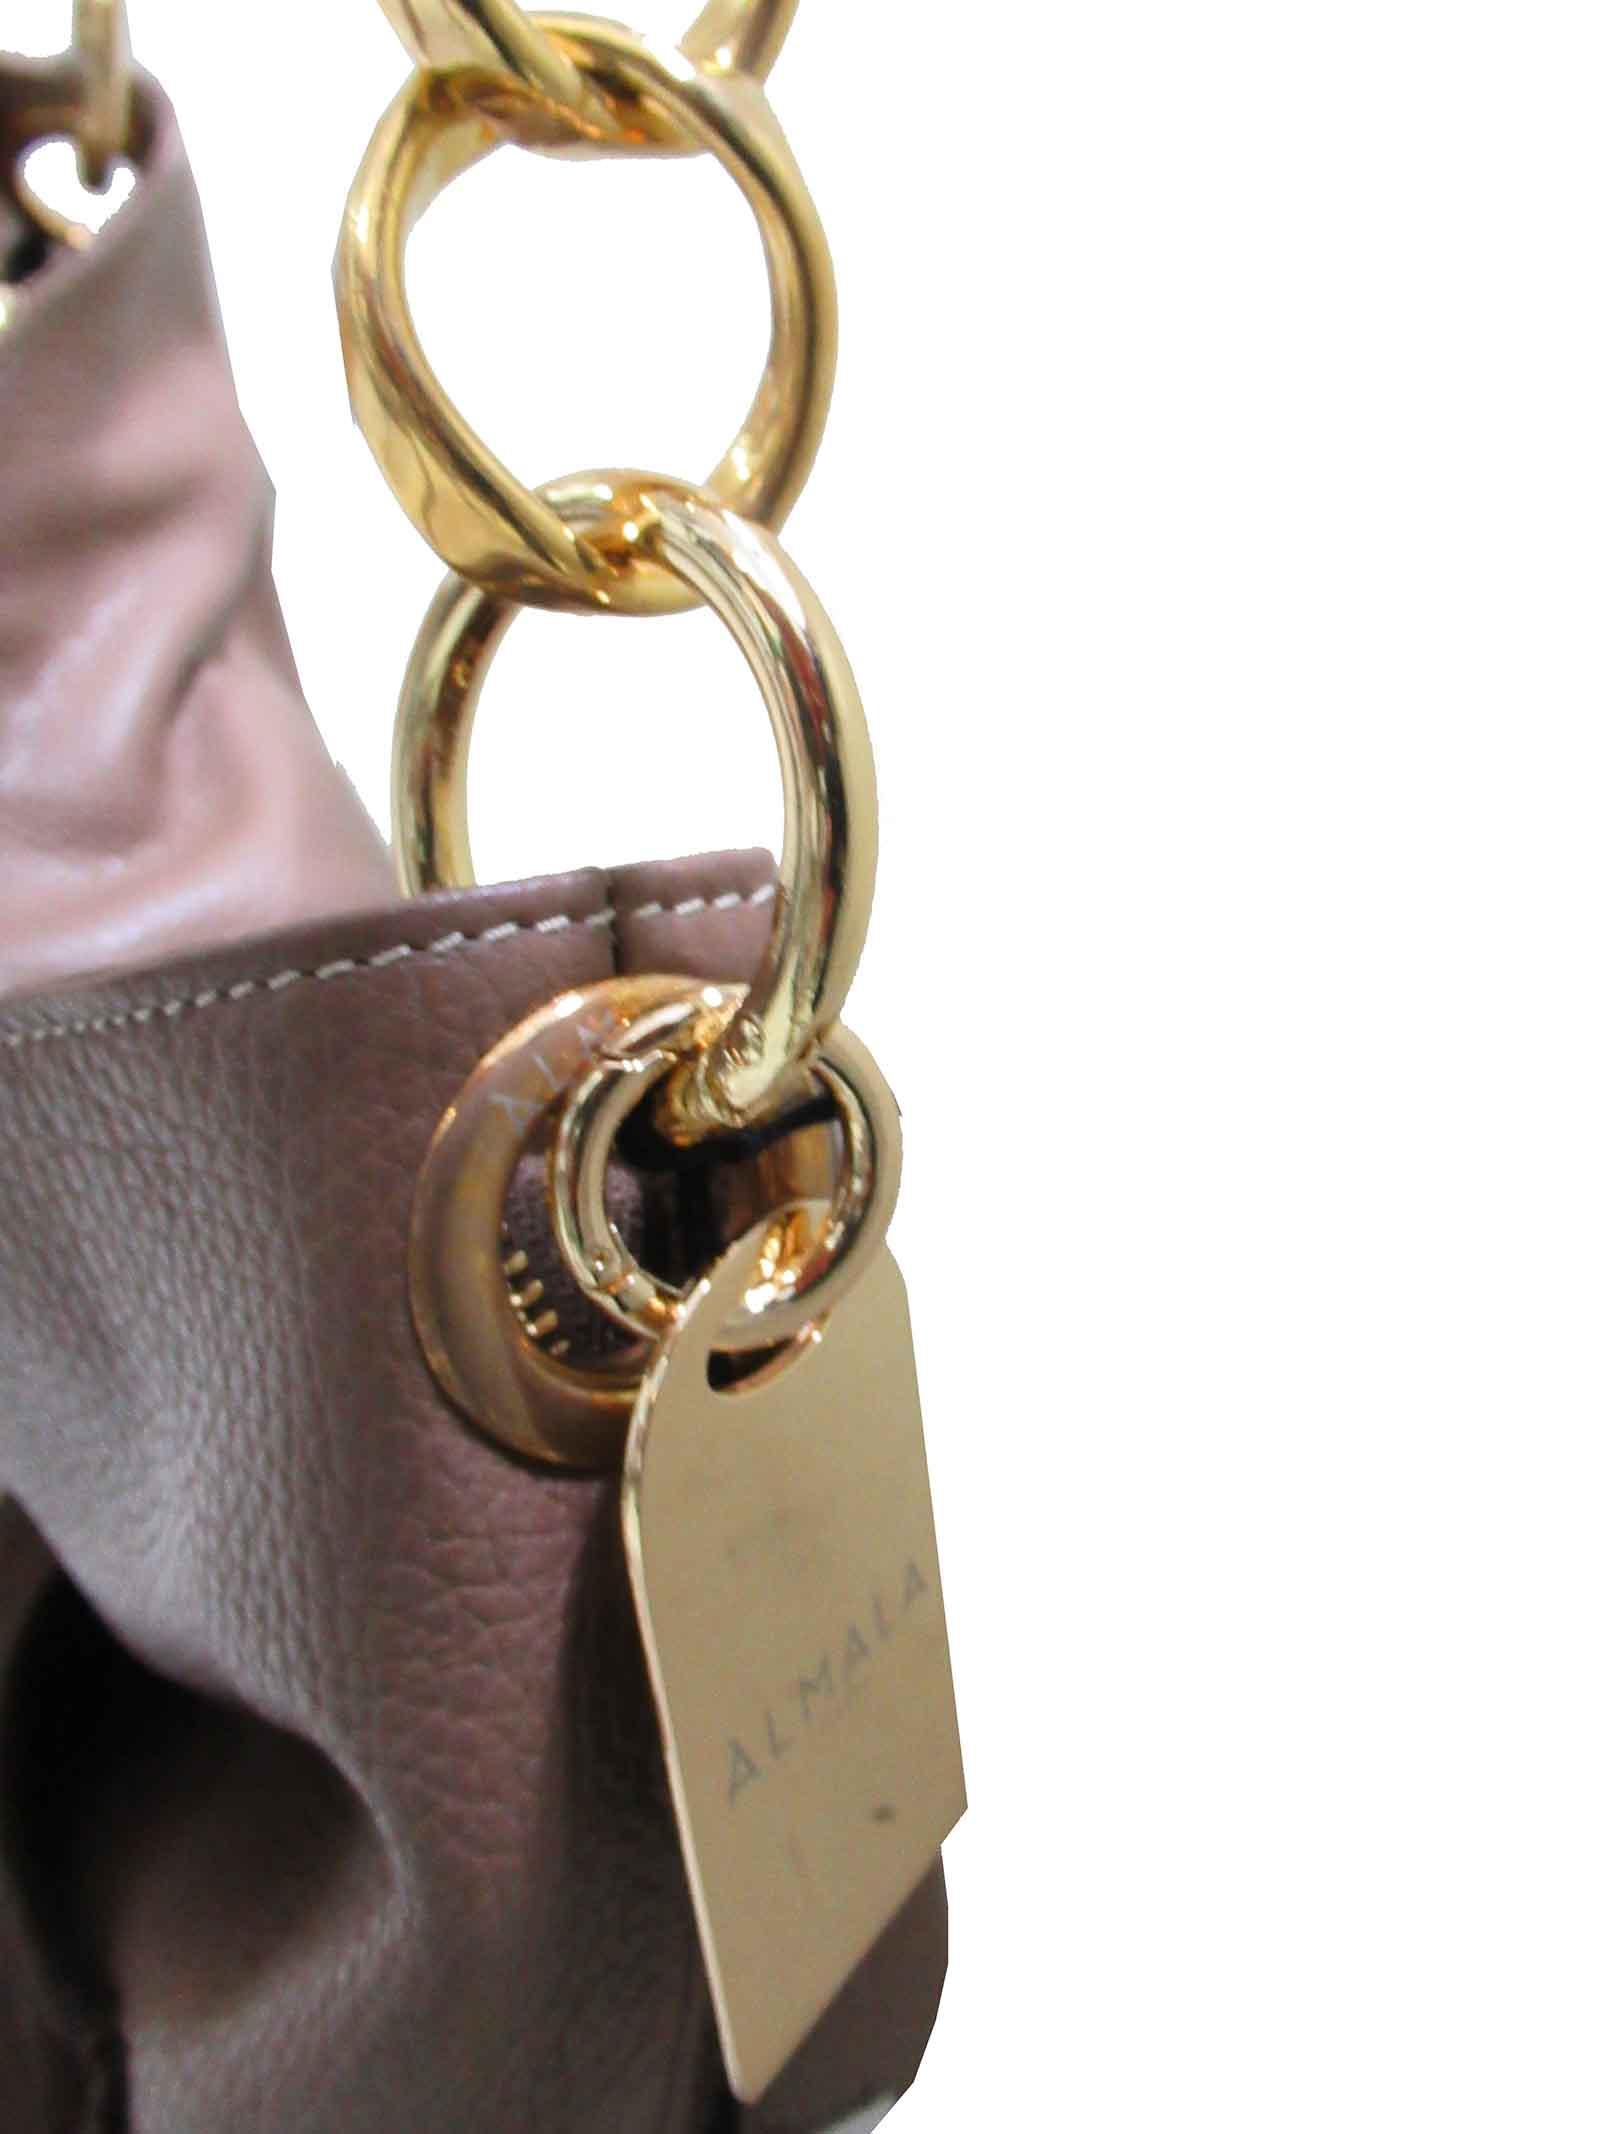 Borsa Donna Shopping Grande a Spalla Norma in Pelle Cuoio con Tracolla in Pelle Regolabile con Catena in Oro cg071a0211 Almala   Borse e zaini   NORMA014